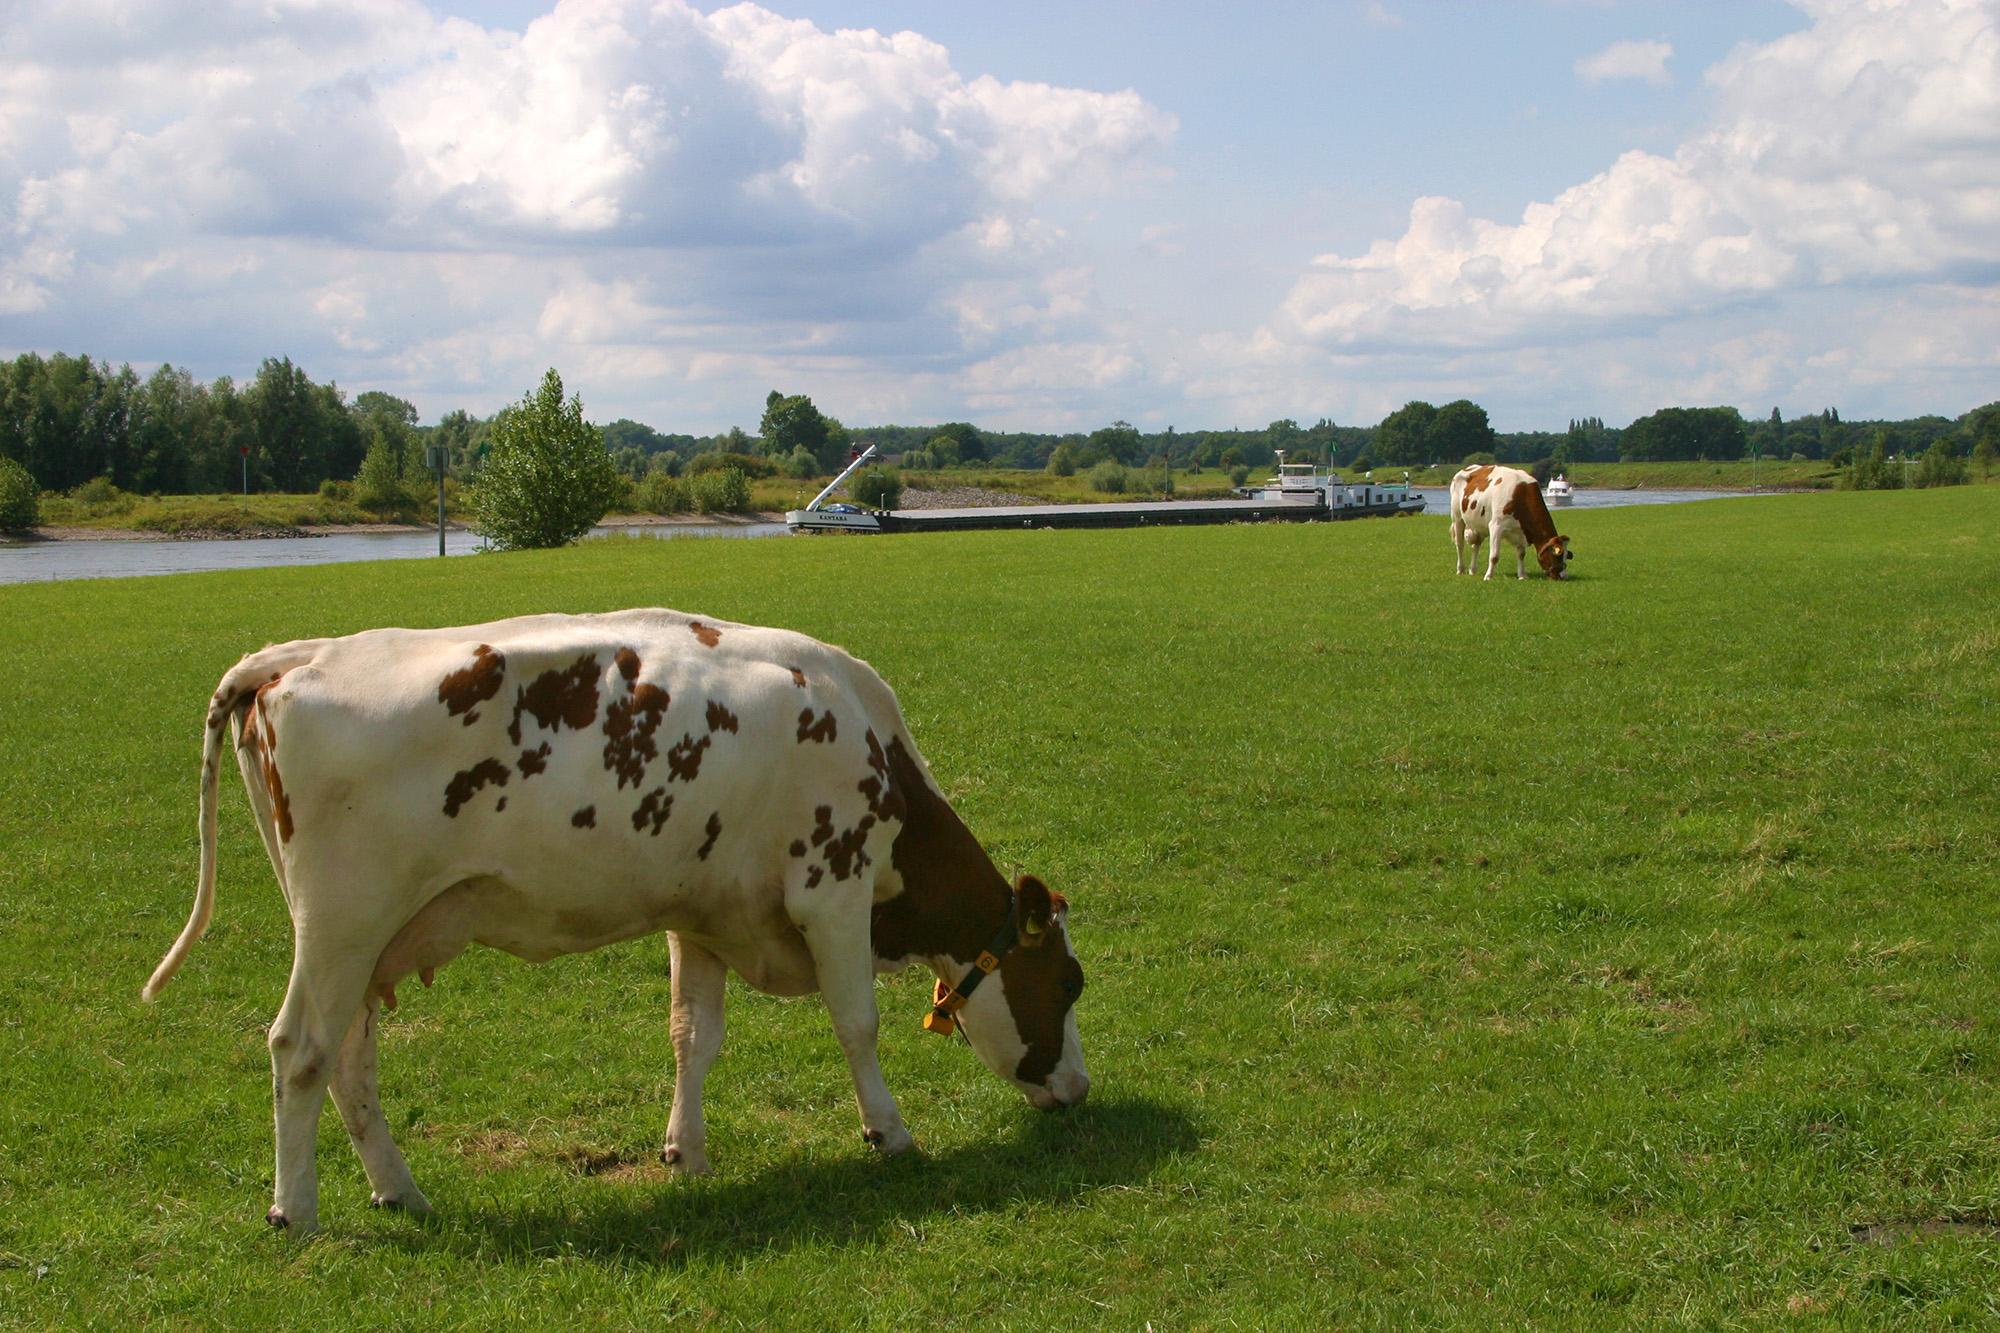 foto van twee koeien in wei, eentje dichtbij en de ander iets verder weg, in de verte een rijnaak op rivier